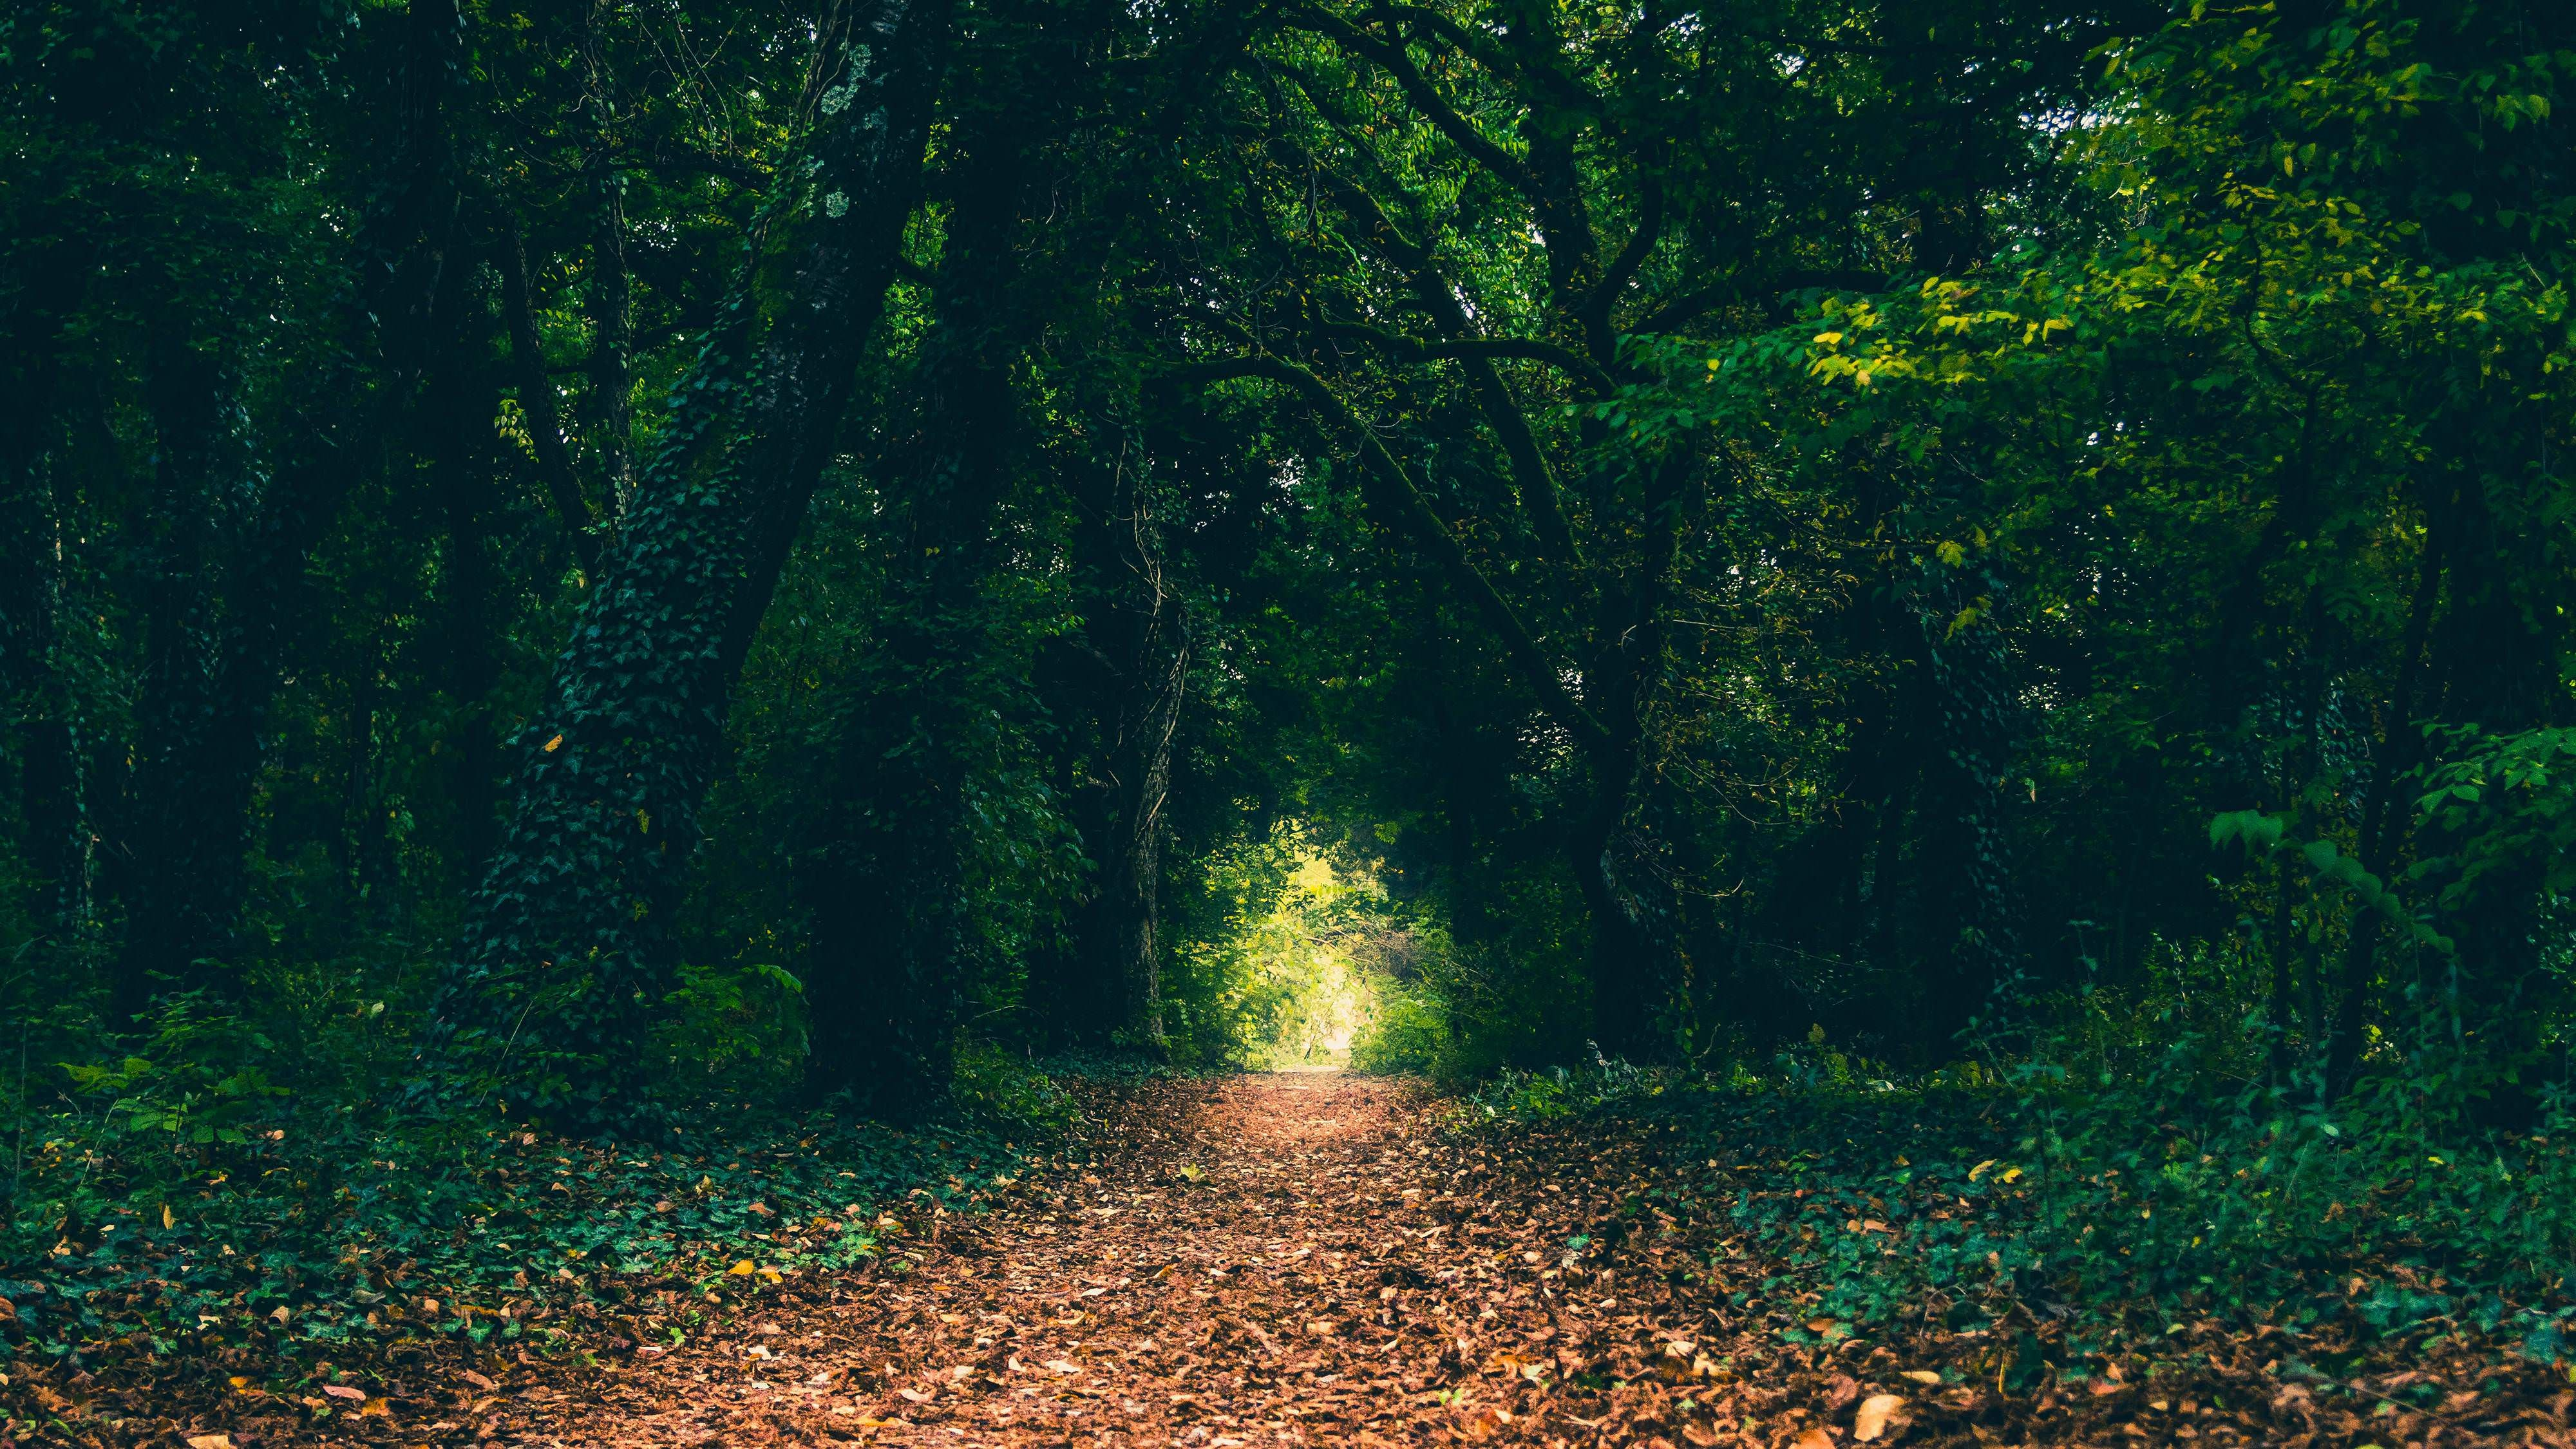 A Certain Magical Forest [40002250] Hdwallpaper